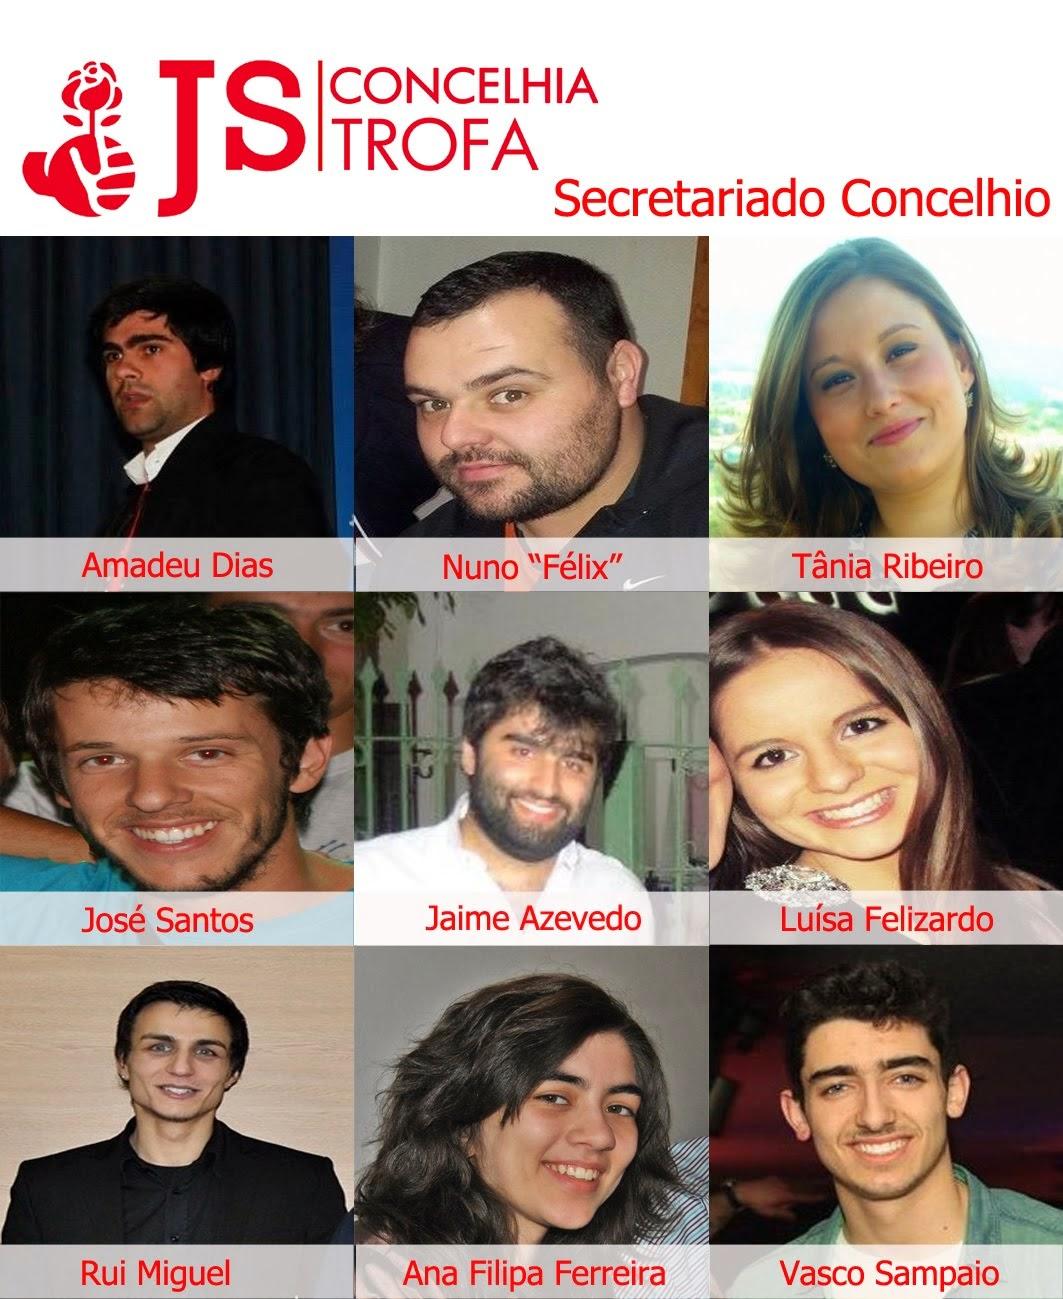 Secretariado da JS Trofa